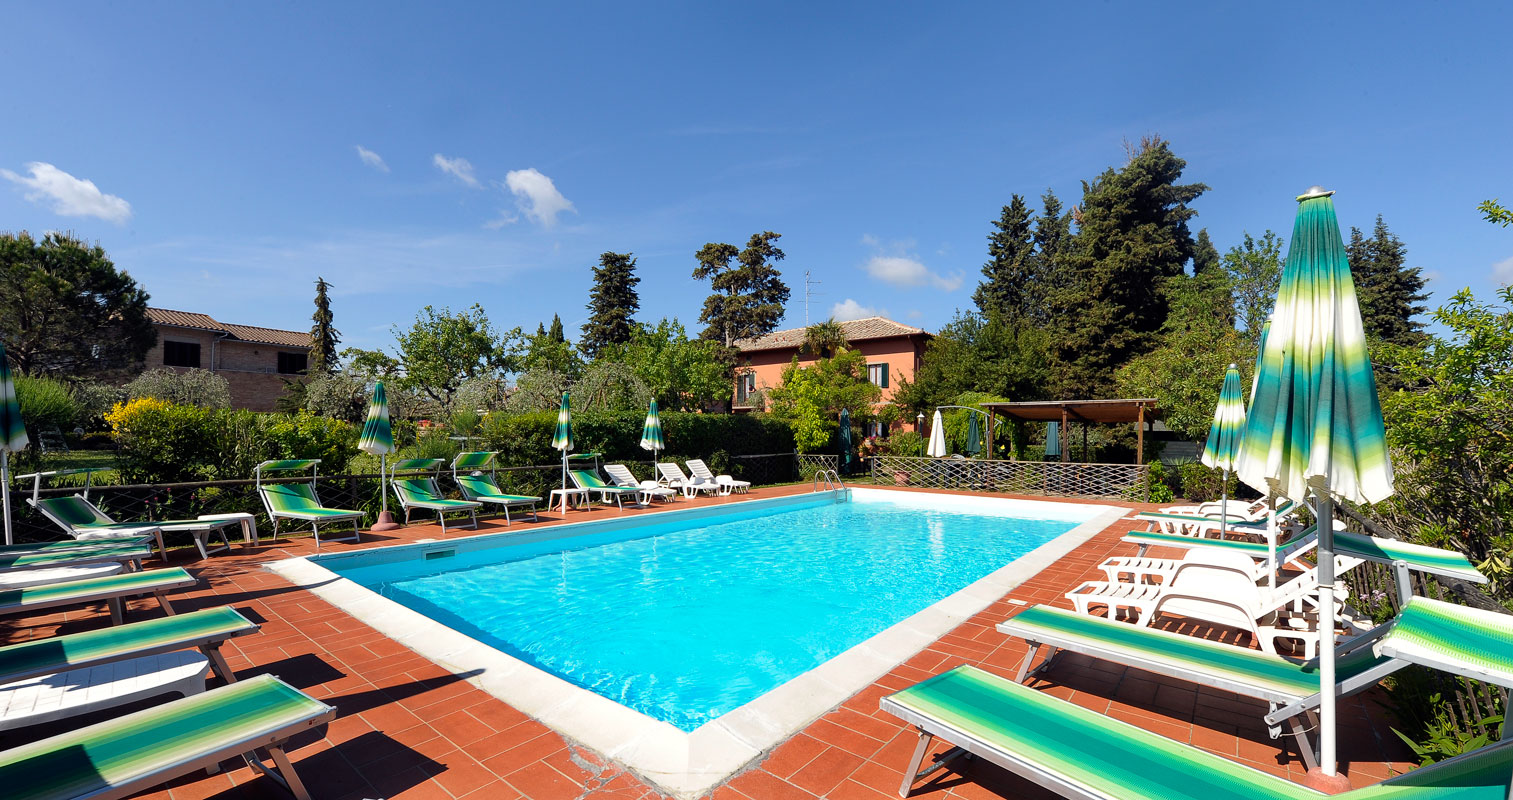 San gimignano hotel con piscina per vacanze in toscana - Hotel con piscina toscana ...